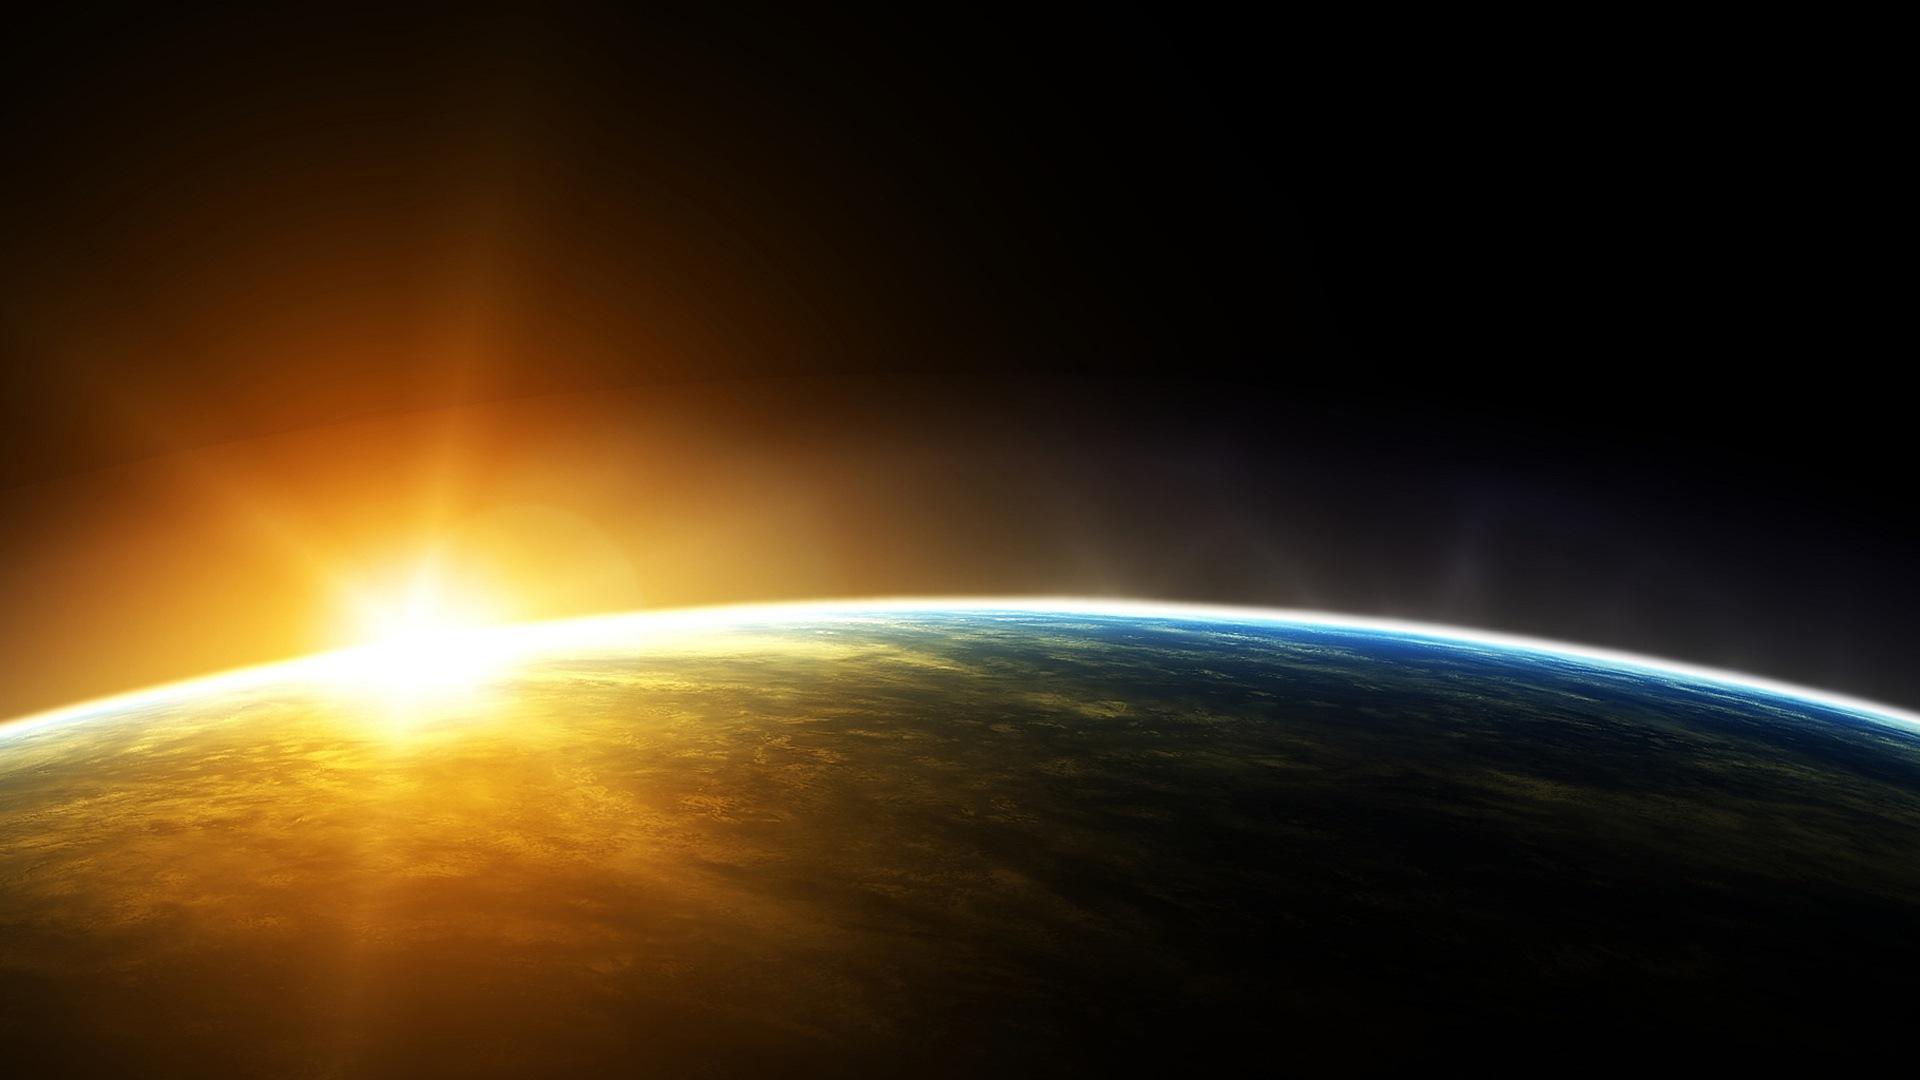 поинтересовались, каком фото восхода с орбиты была очень